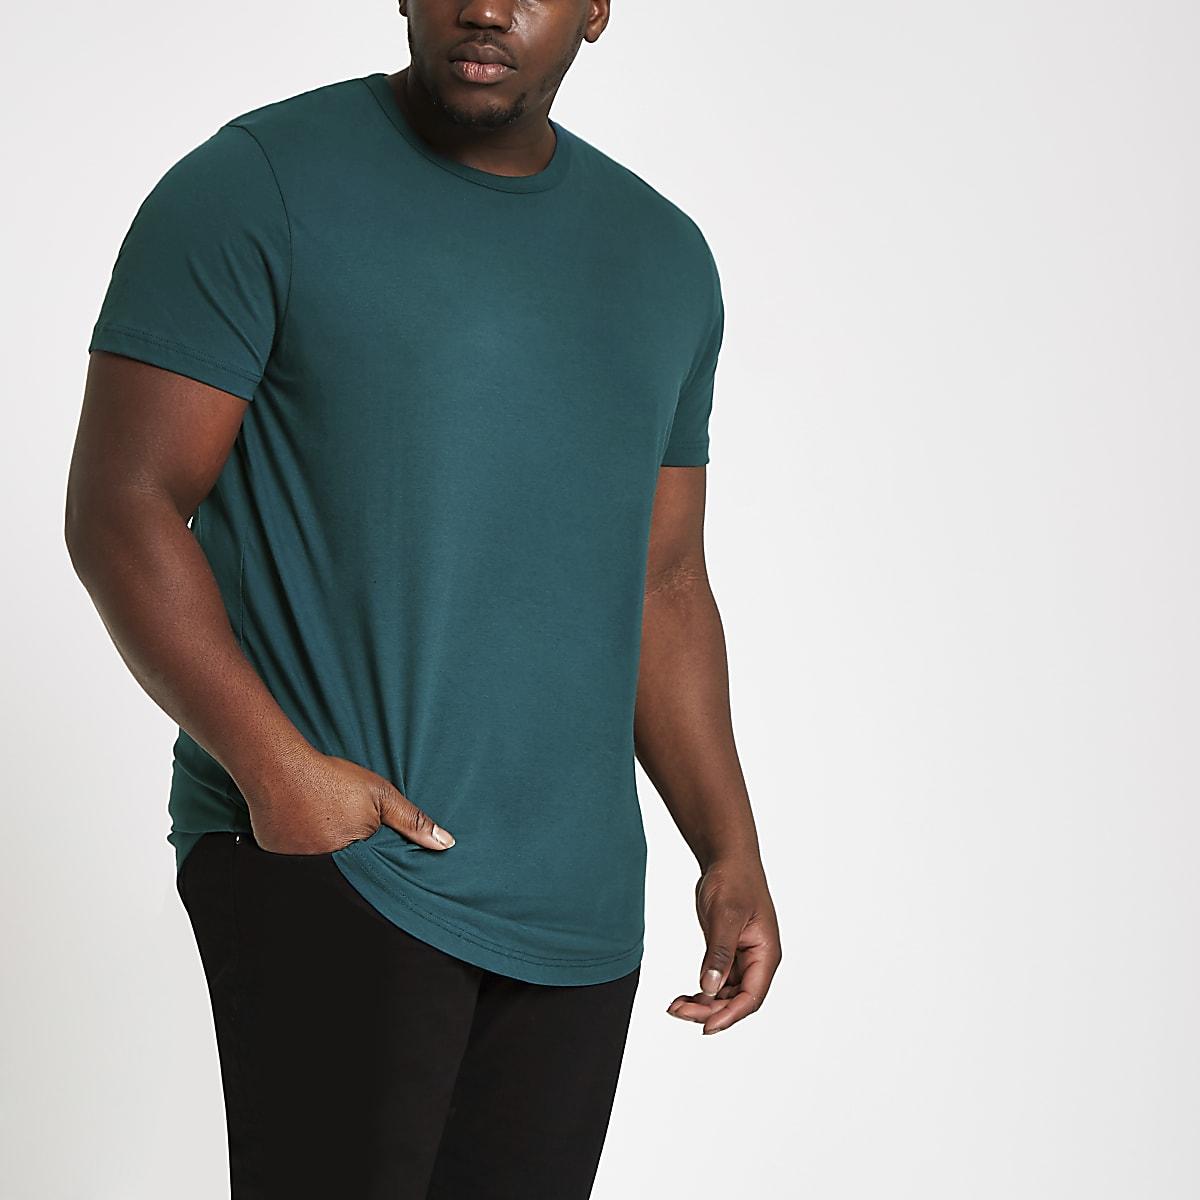 Big & Tall – T-Shirt in Türkis mit abgerundetem Saum